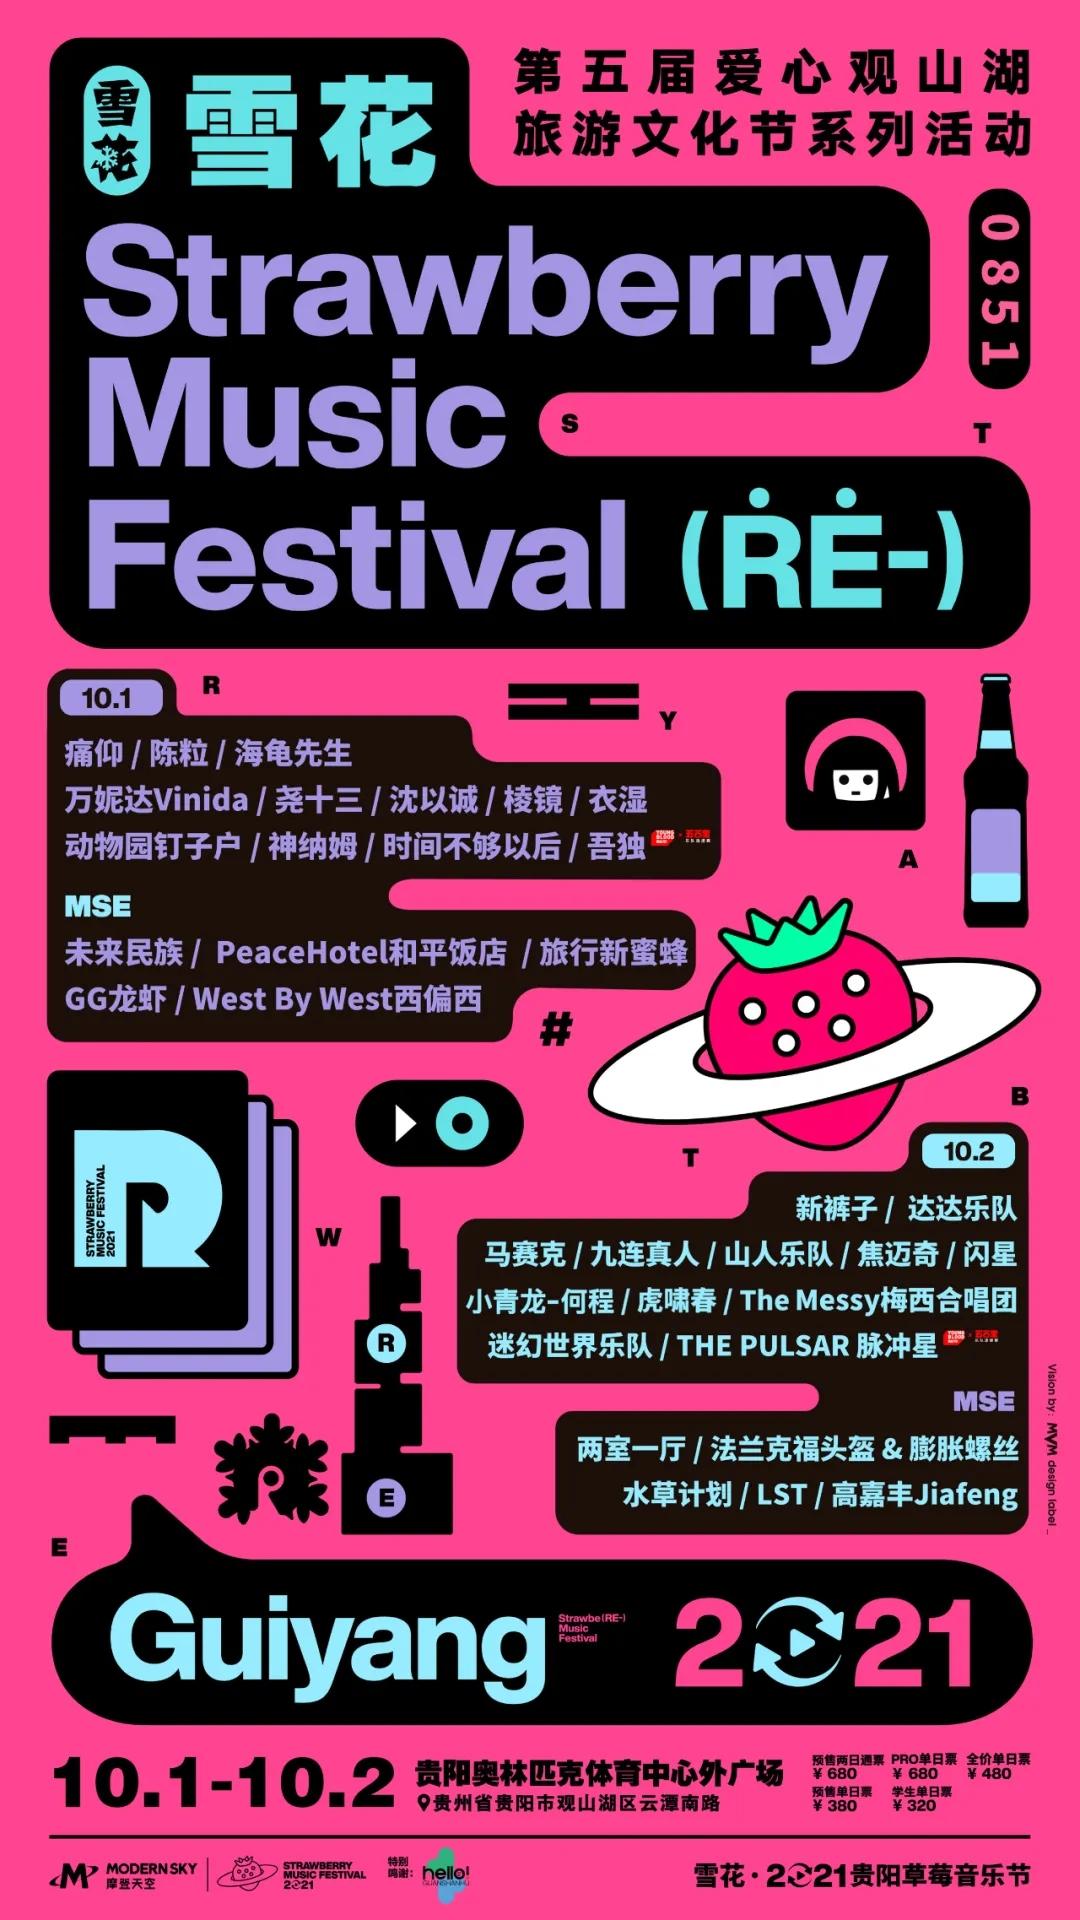 2021【国庆节】贵阳草莓音乐节